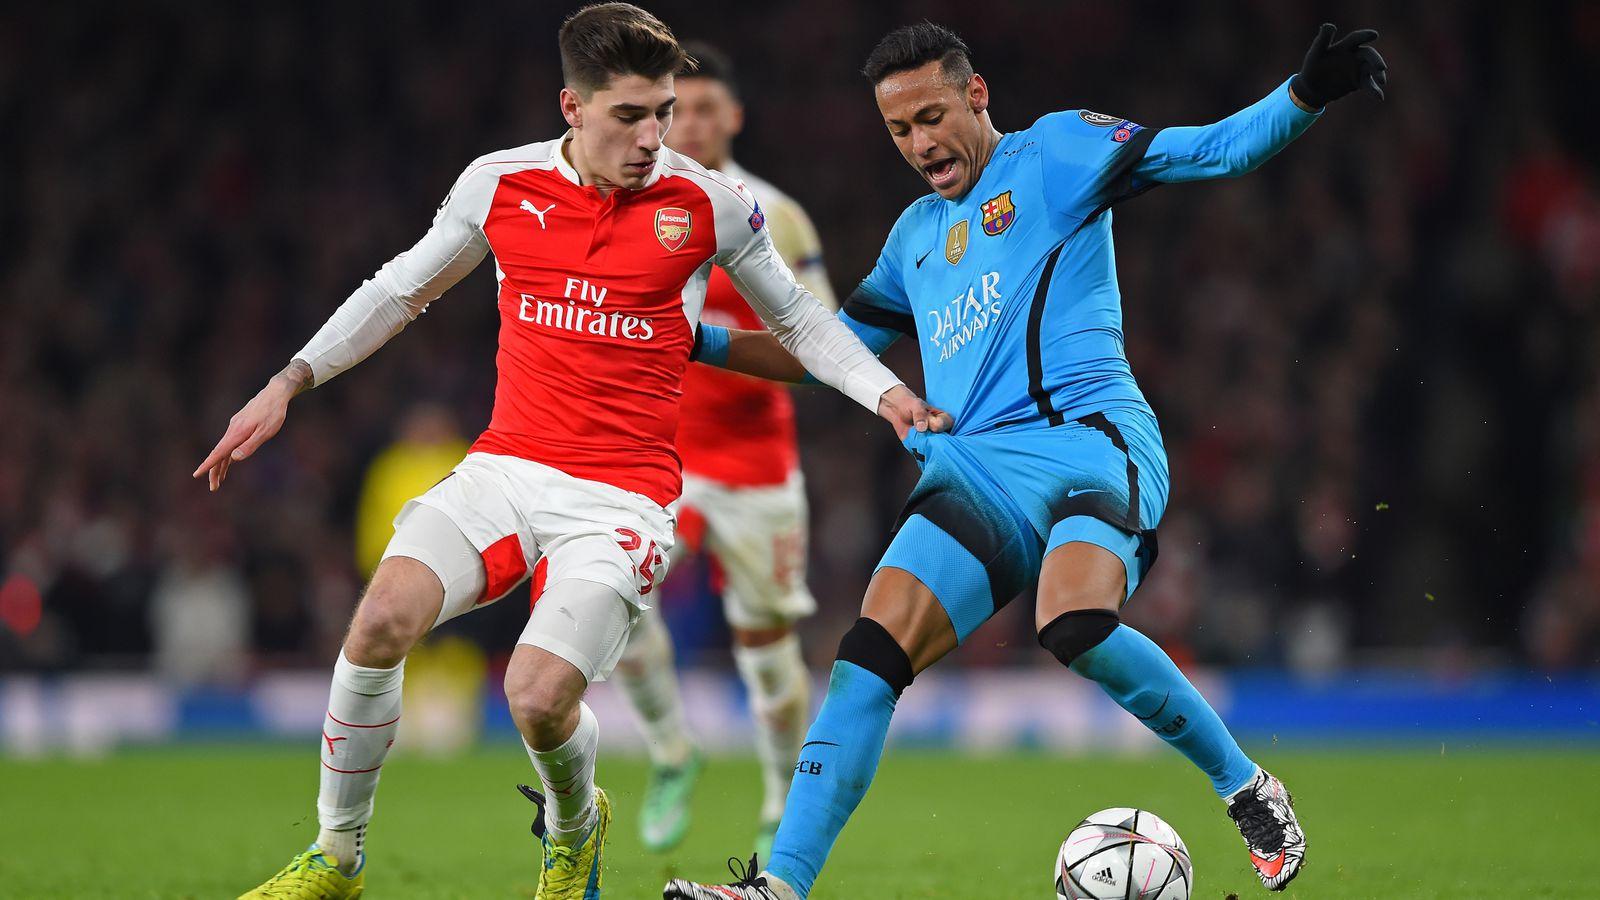 Chelsea Vs Manchester United Vs Fc Barcelona: Arsenal Full-back Héctor Bellerín Linked With Return To FC